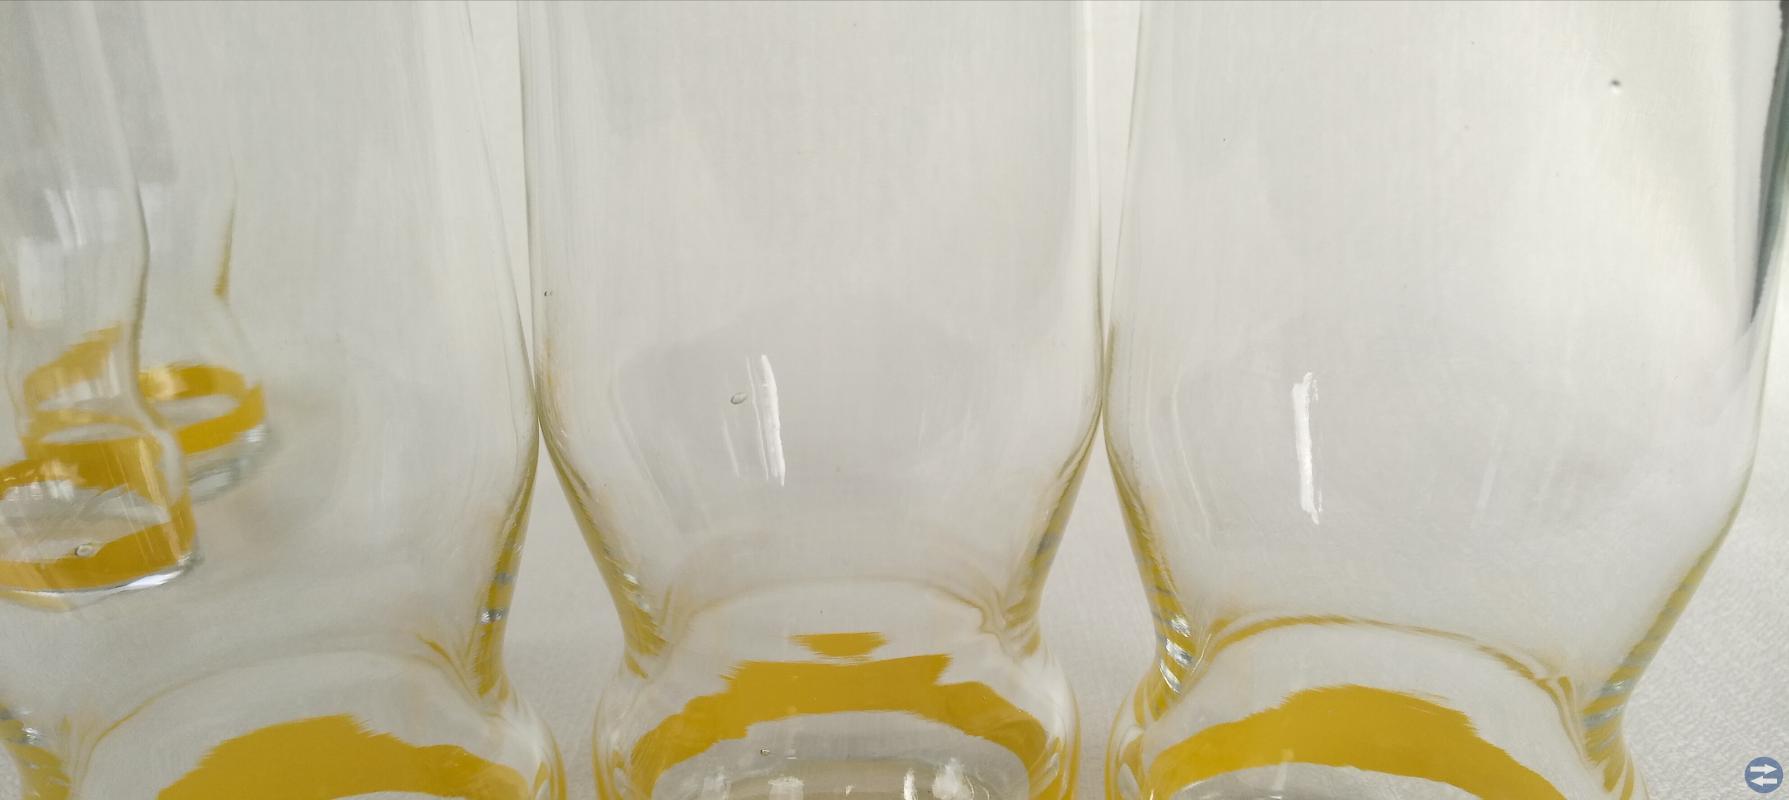 GLAS DRICKSGLAS ITALY RETRO NOSTALGI VINTAGE